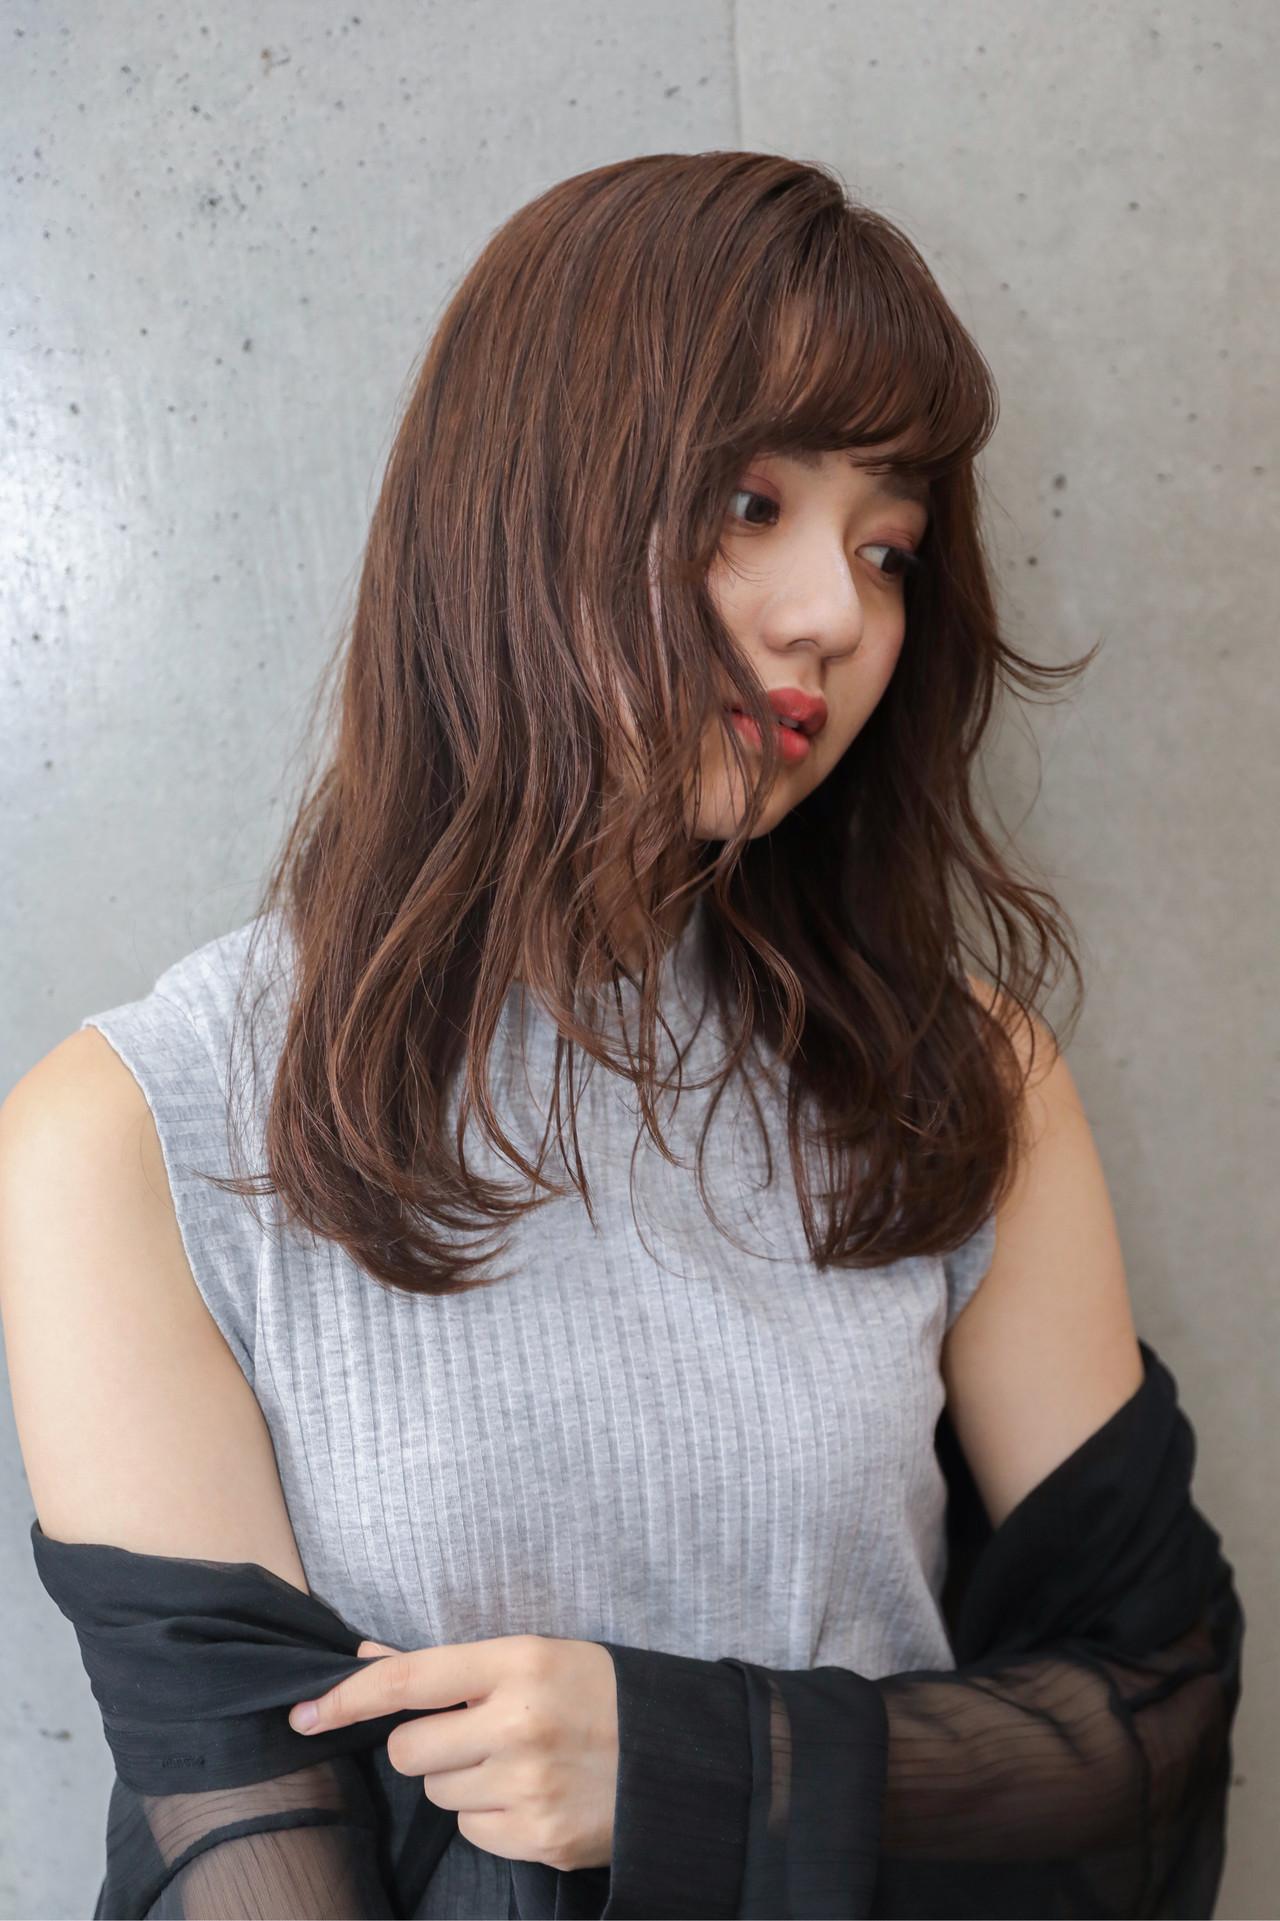 ショコラブラウン ナチュラル ブラウン アッシュブラウン ヘアスタイルや髪型の写真・画像